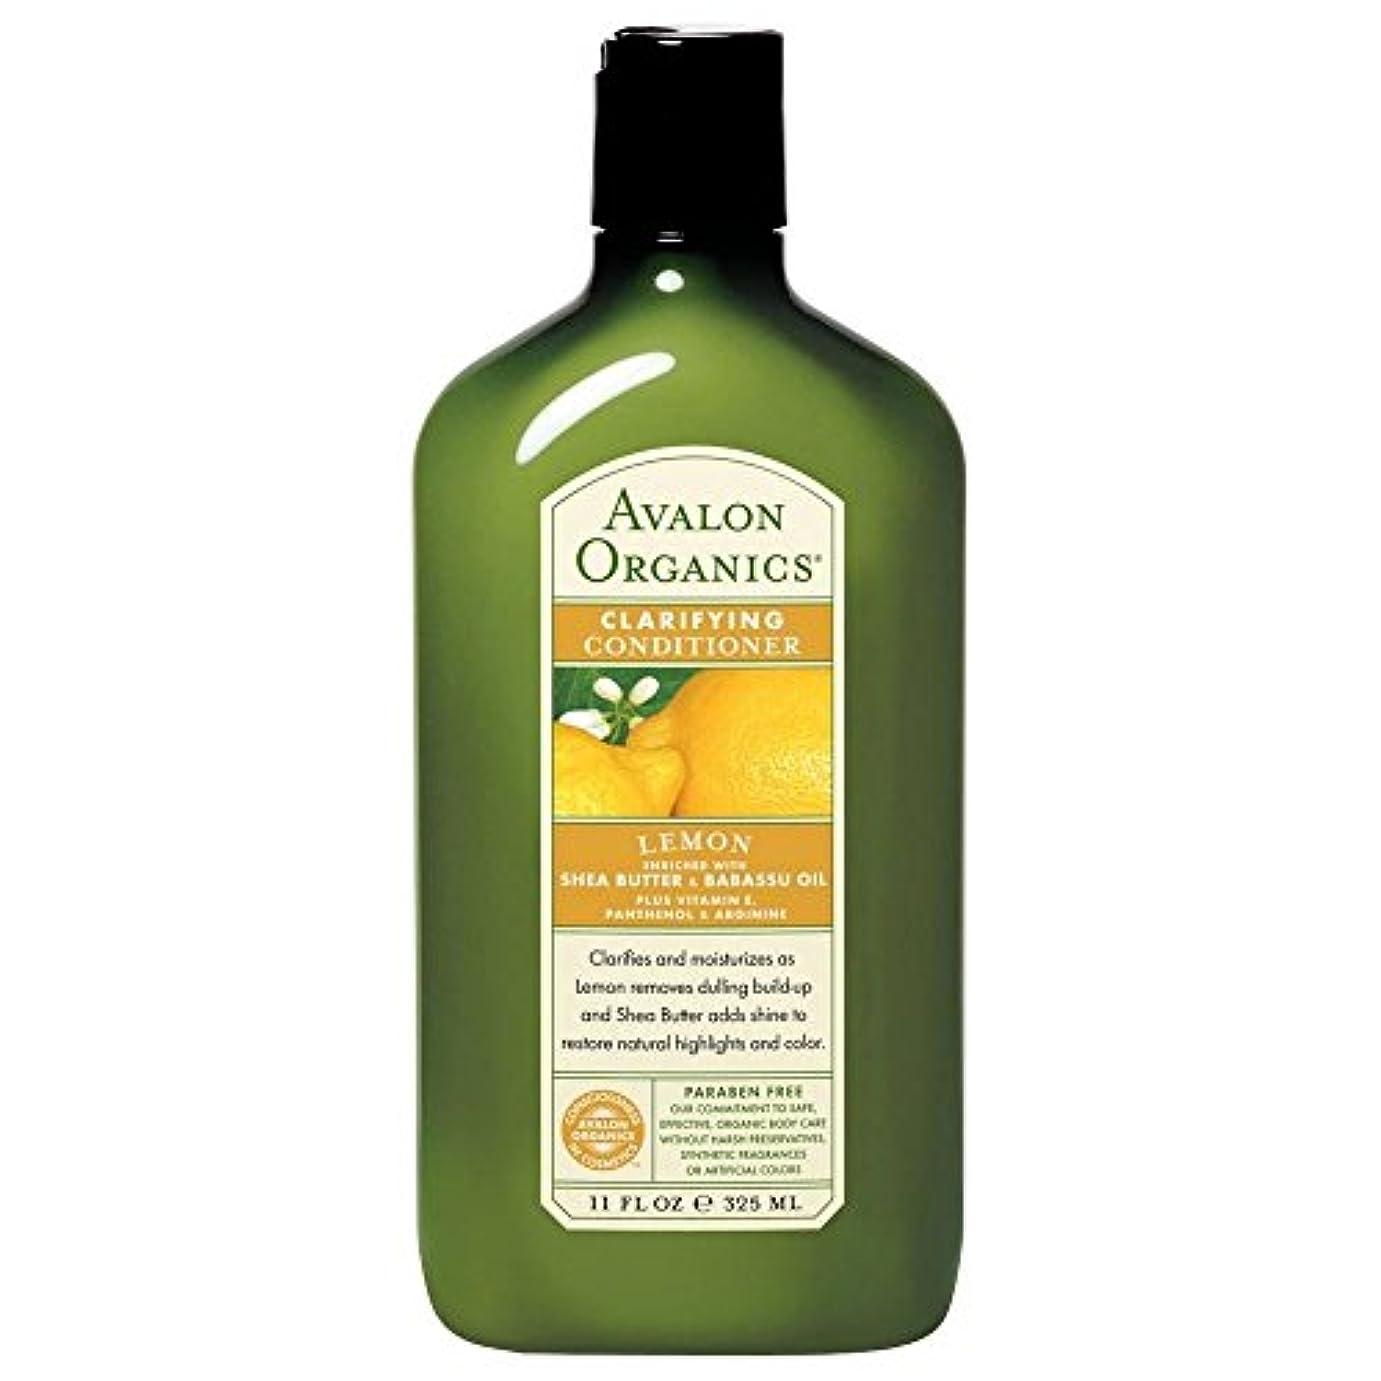 ふざけたビデオ追放する[Avalon ] コンディショナーを明確にアバロンの有機物 - レモン(325ミリリットル) - Avalon Organics Clarifying Conditioner - Lemon (325ml) [並行輸入品]